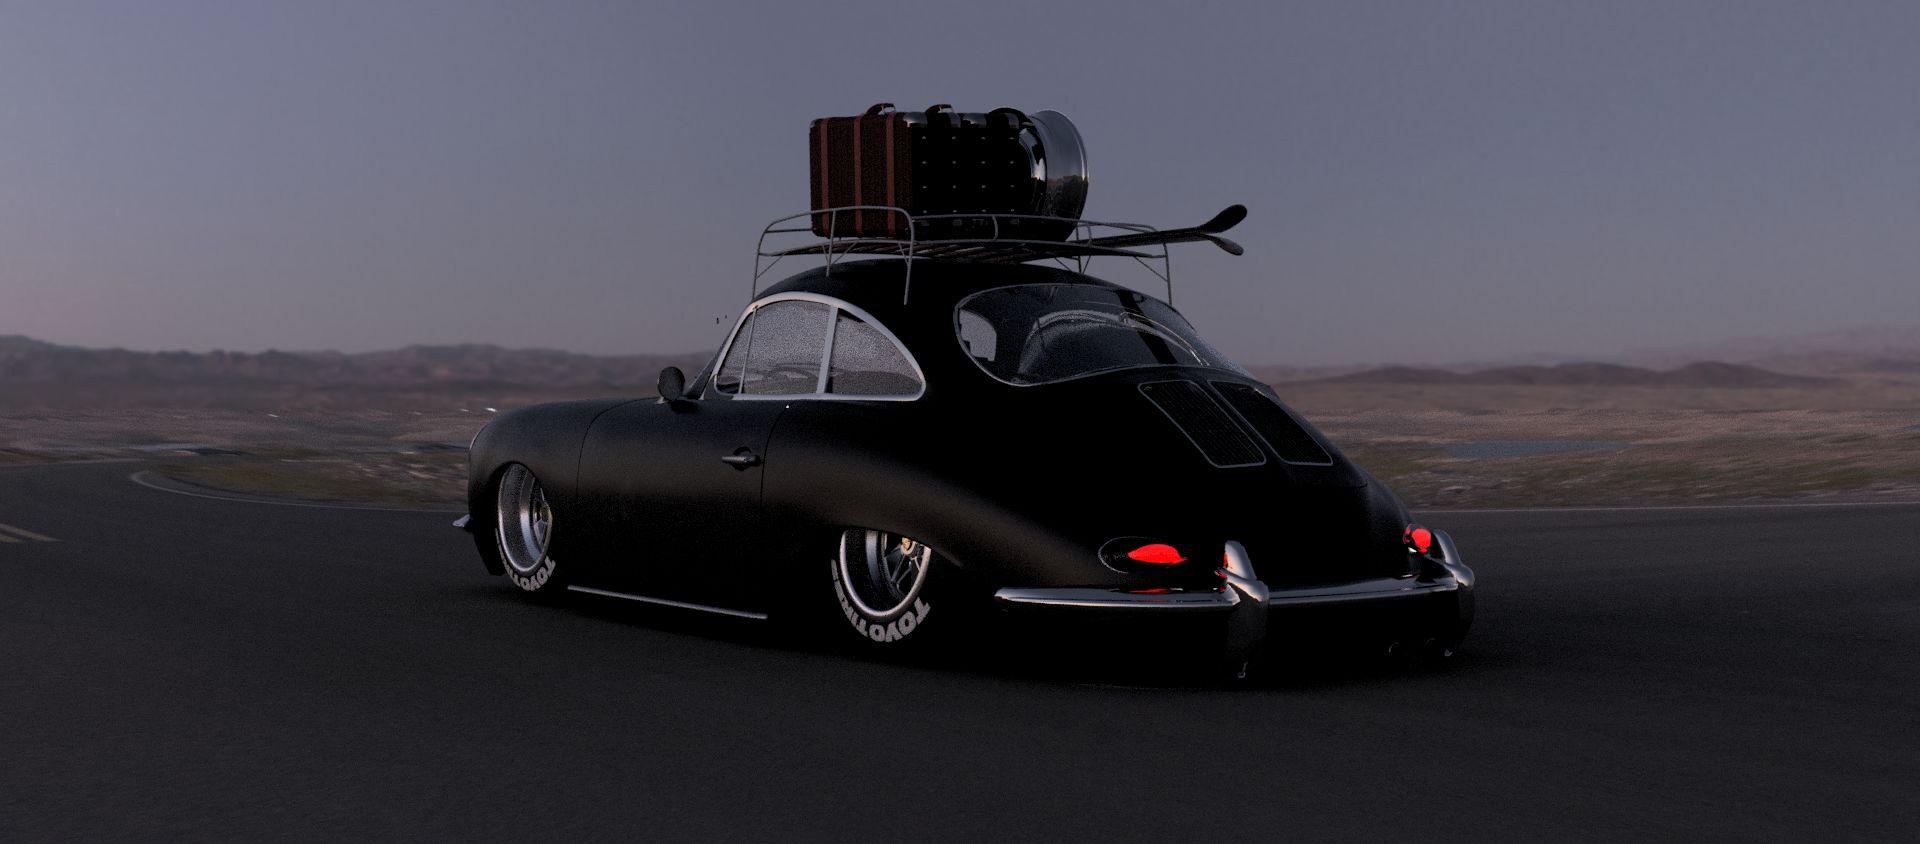 Porsche-356-c-v9-12-3500-3500